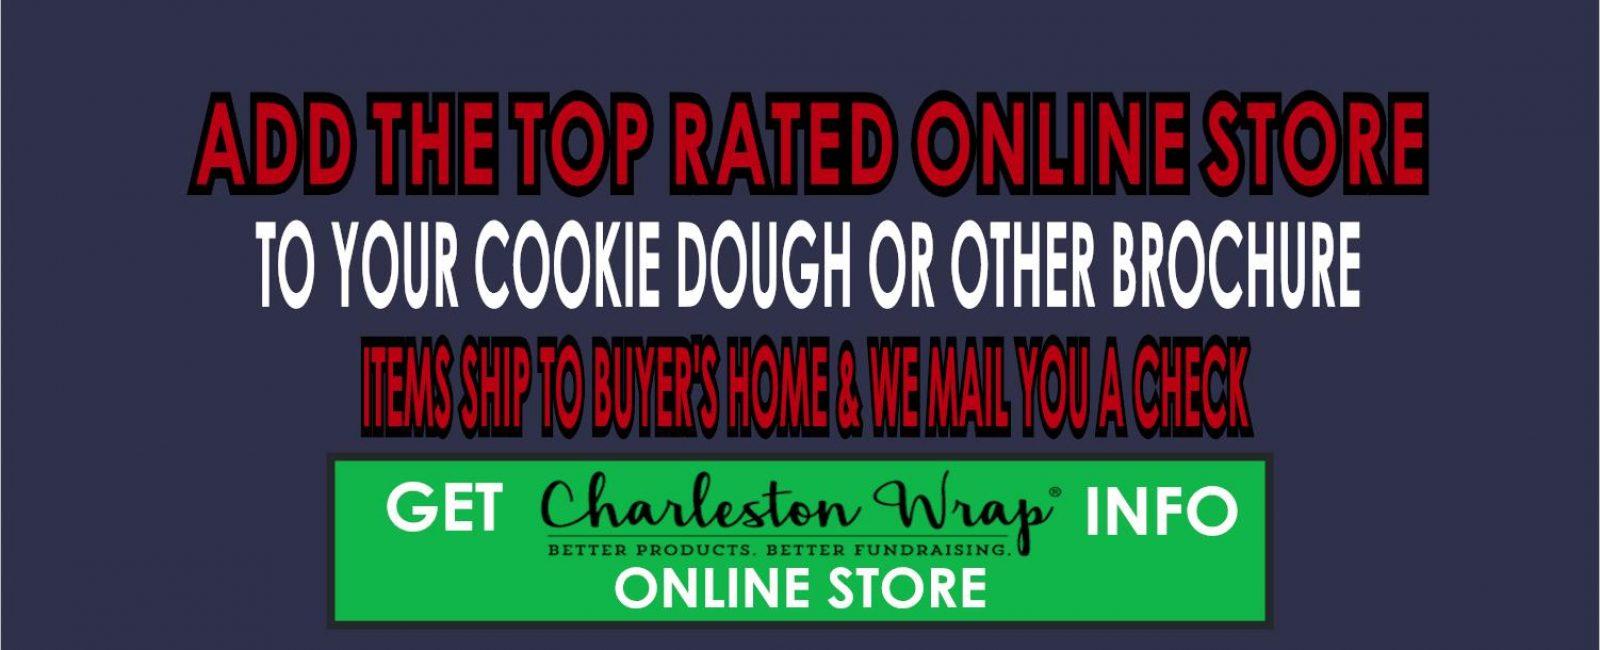 Get Charleston Wrap Online Store Info7